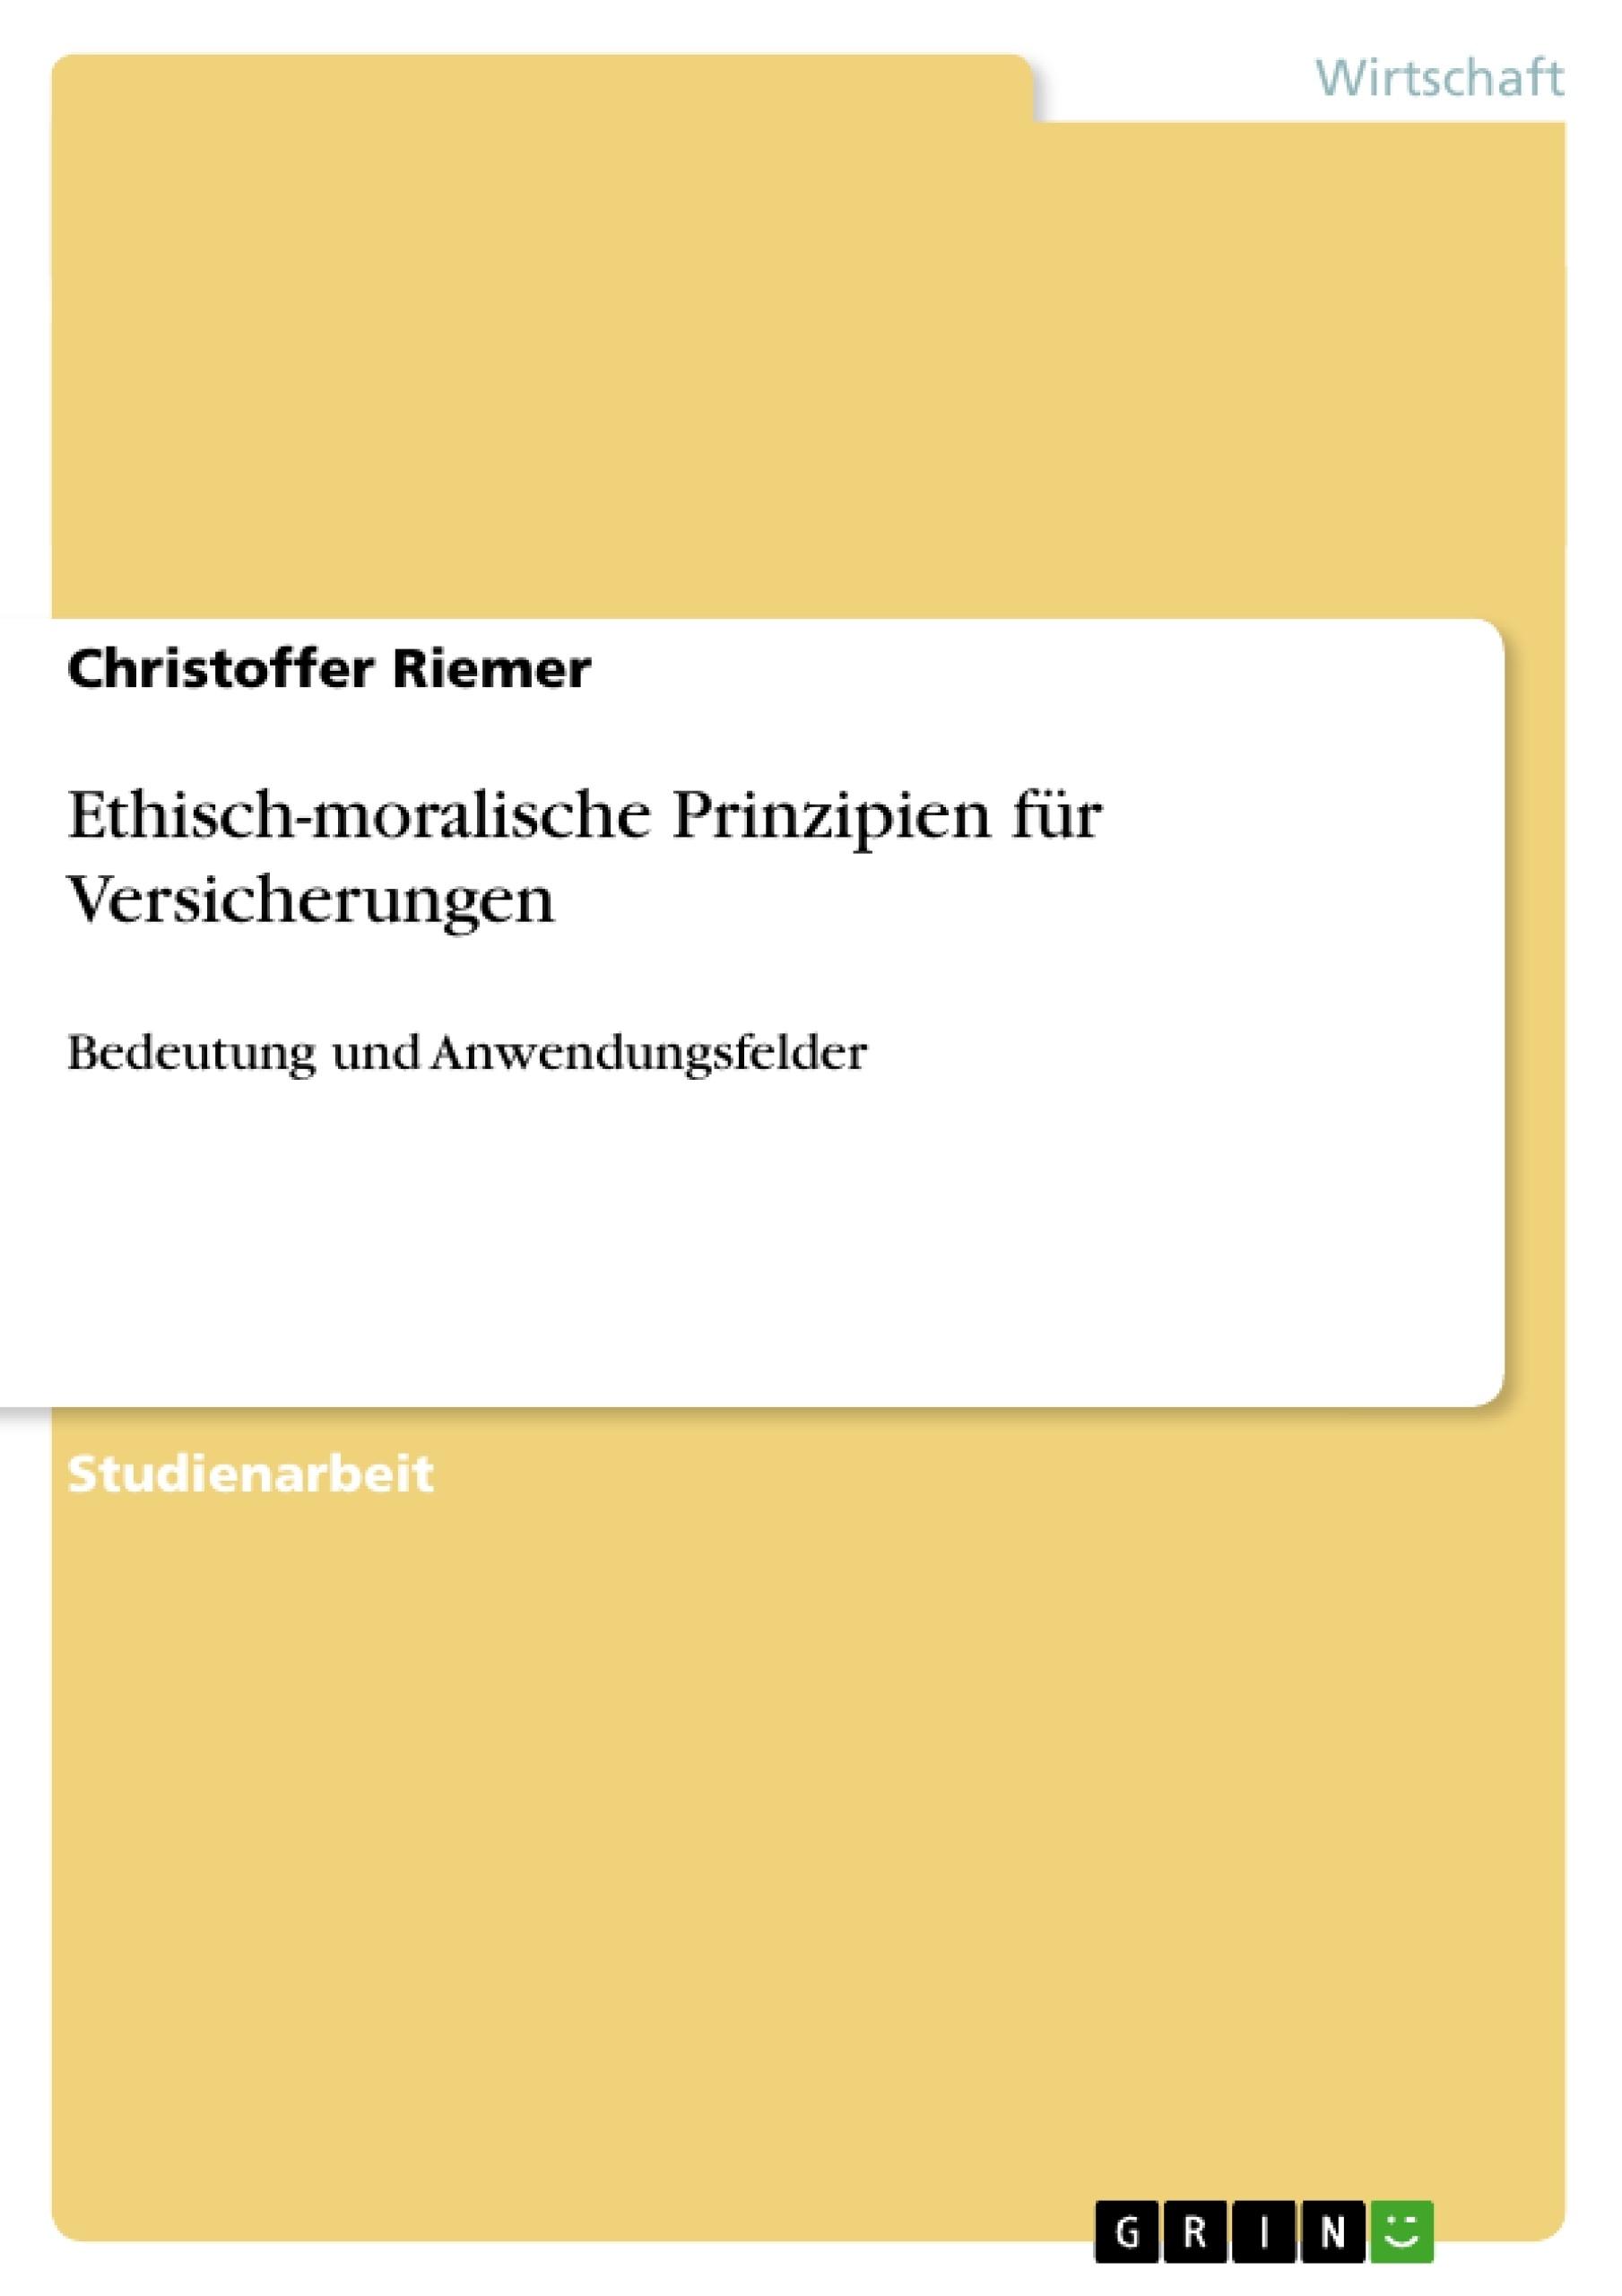 Titel: Ethisch-moralische Prinzipien für Versicherungen